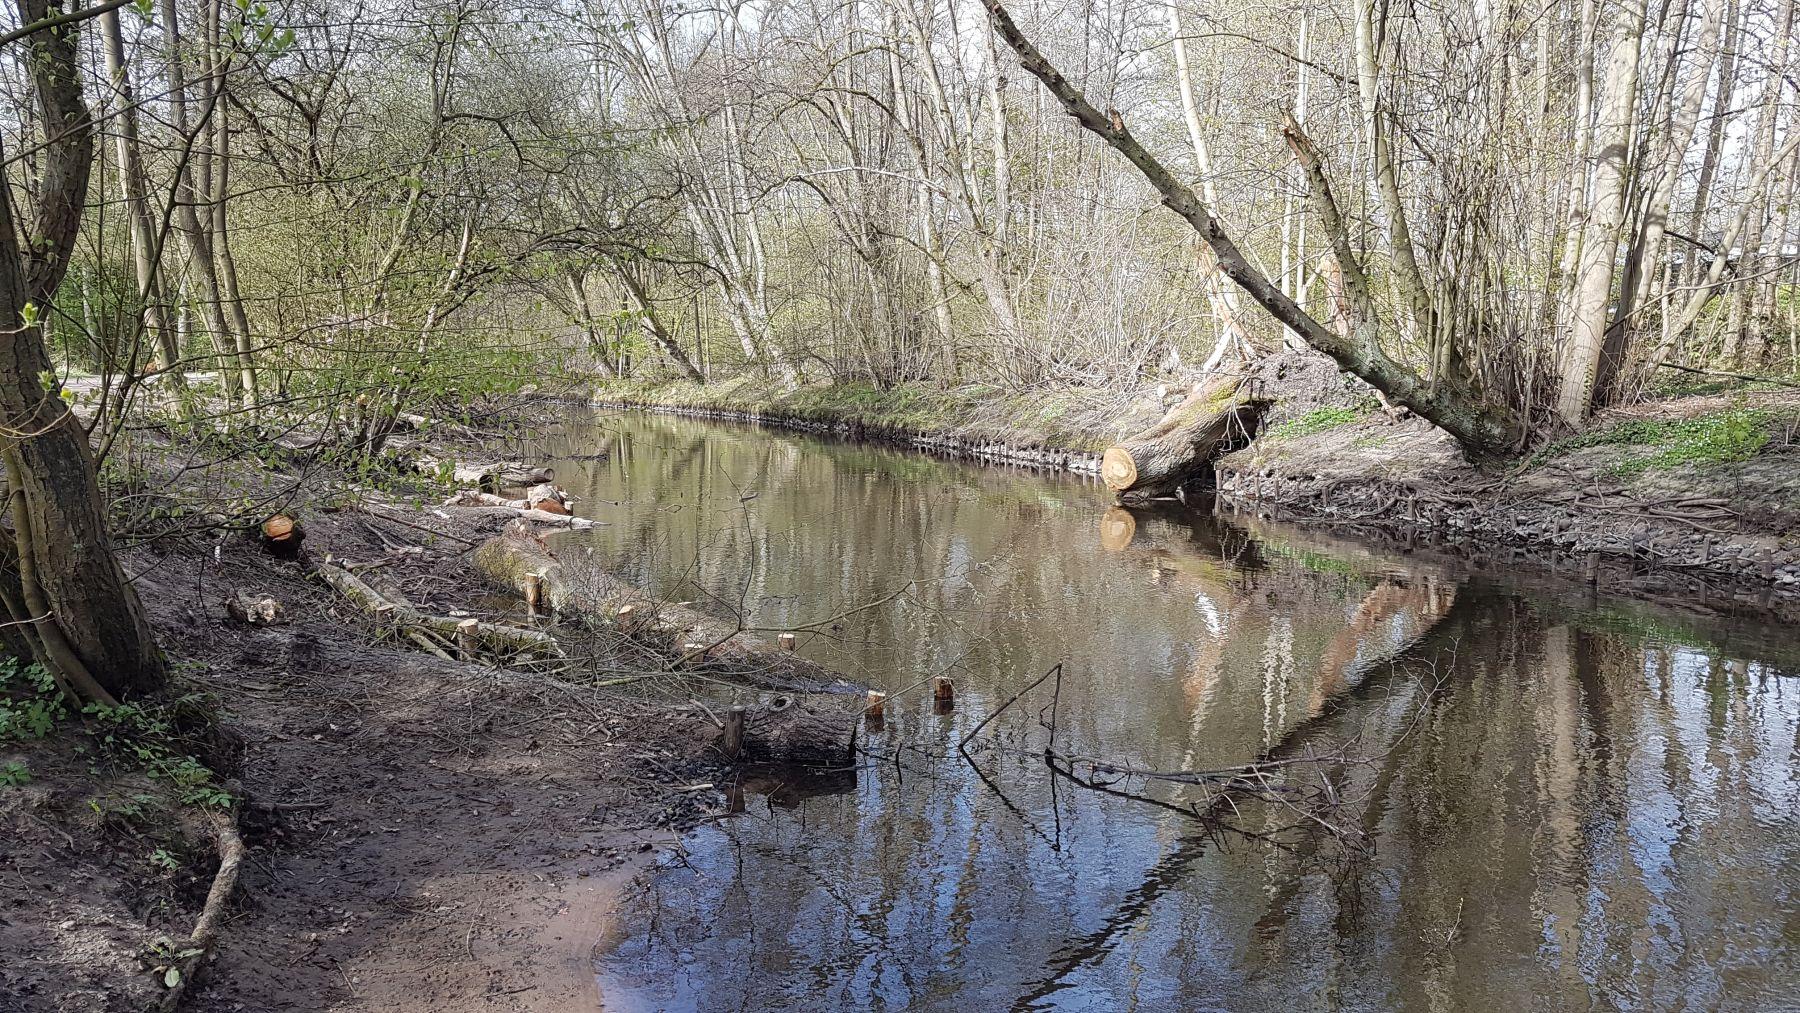 Der Baum wurde gekappt und der Stamm sowie einige kräftige Äste als naturnahe Uferbefestigung eingebaut (Foto: A. Lampe).